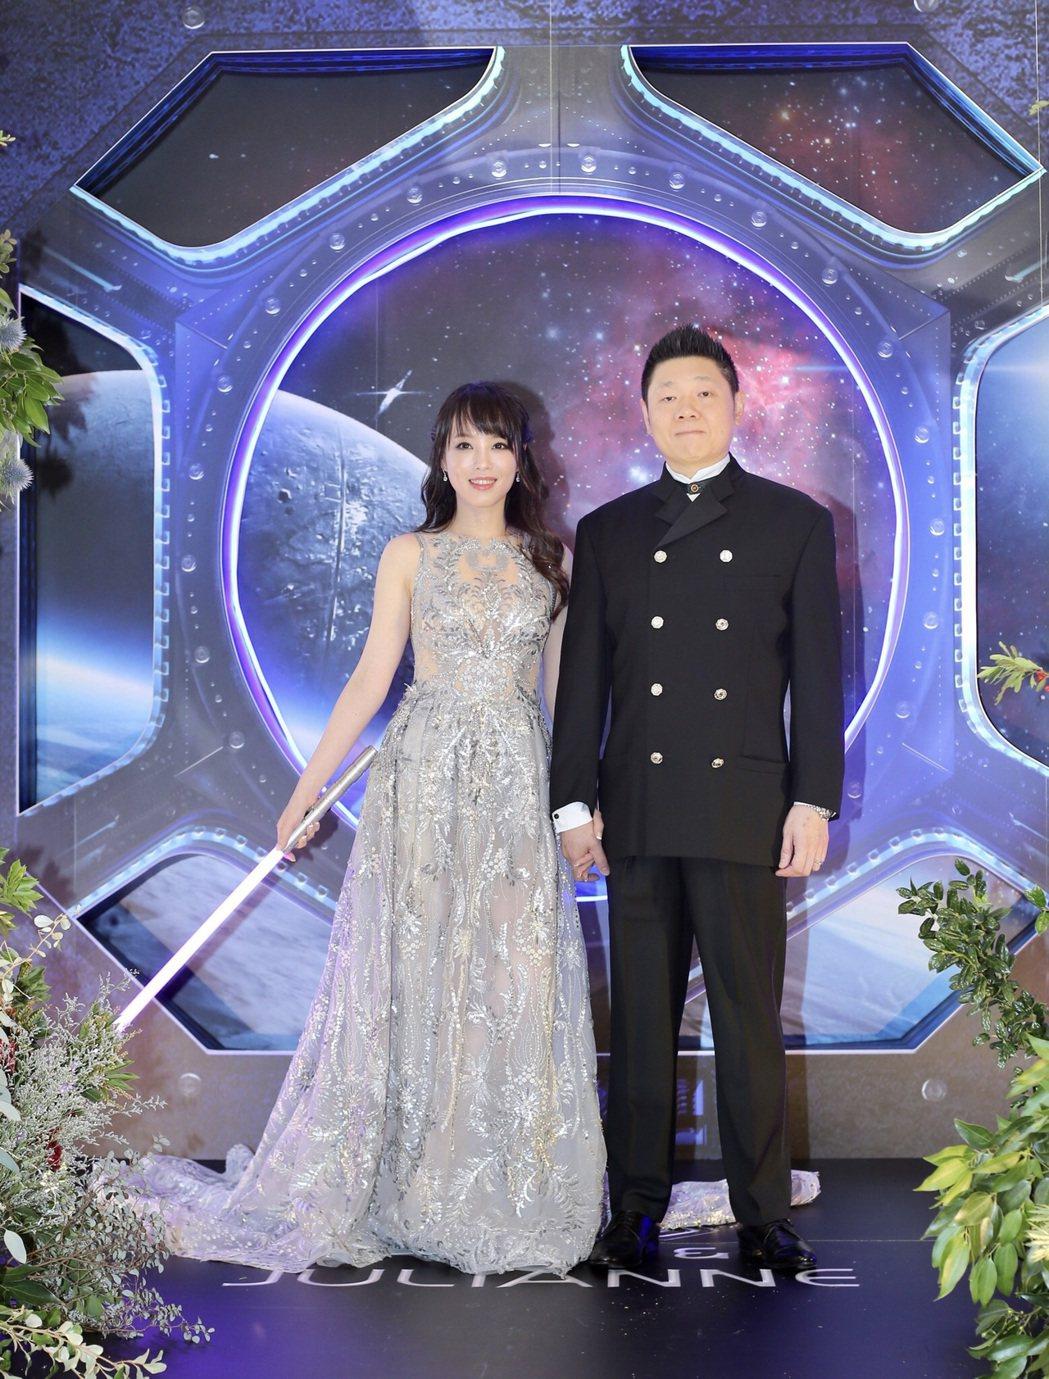 朱蕾安(左)與老公張榮成舉辦「星際大戰」主題婚禮。記者許正宏/攝影